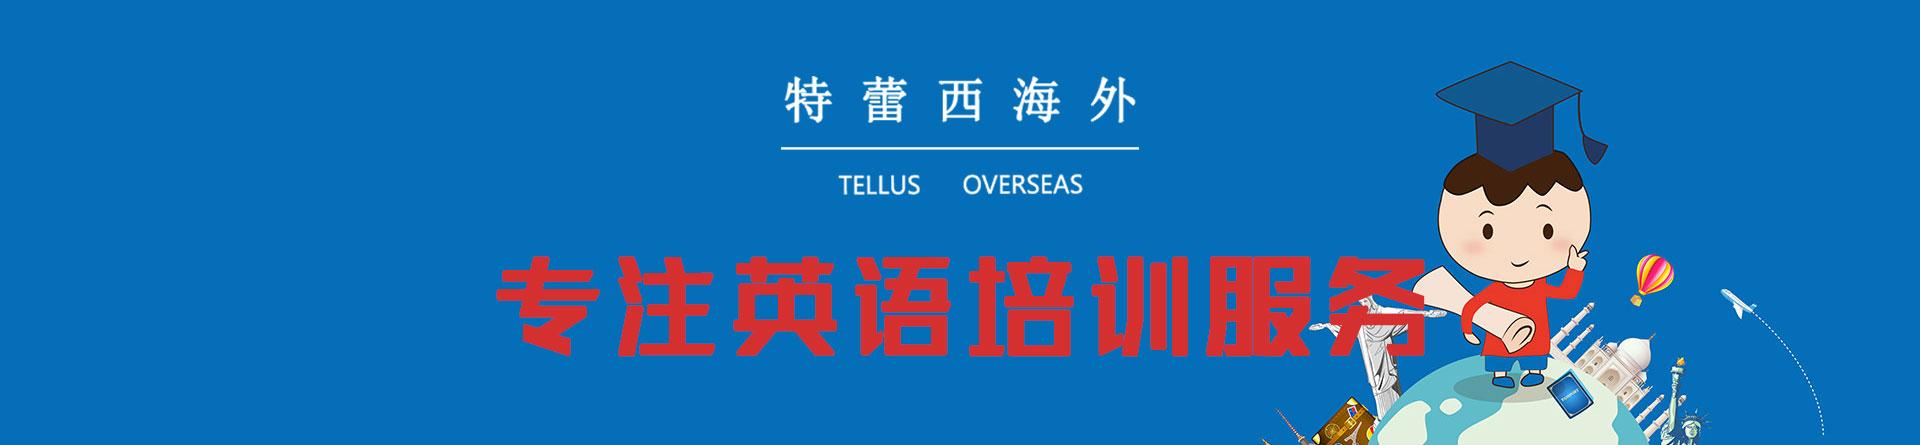 郑州特蕾西海外英语